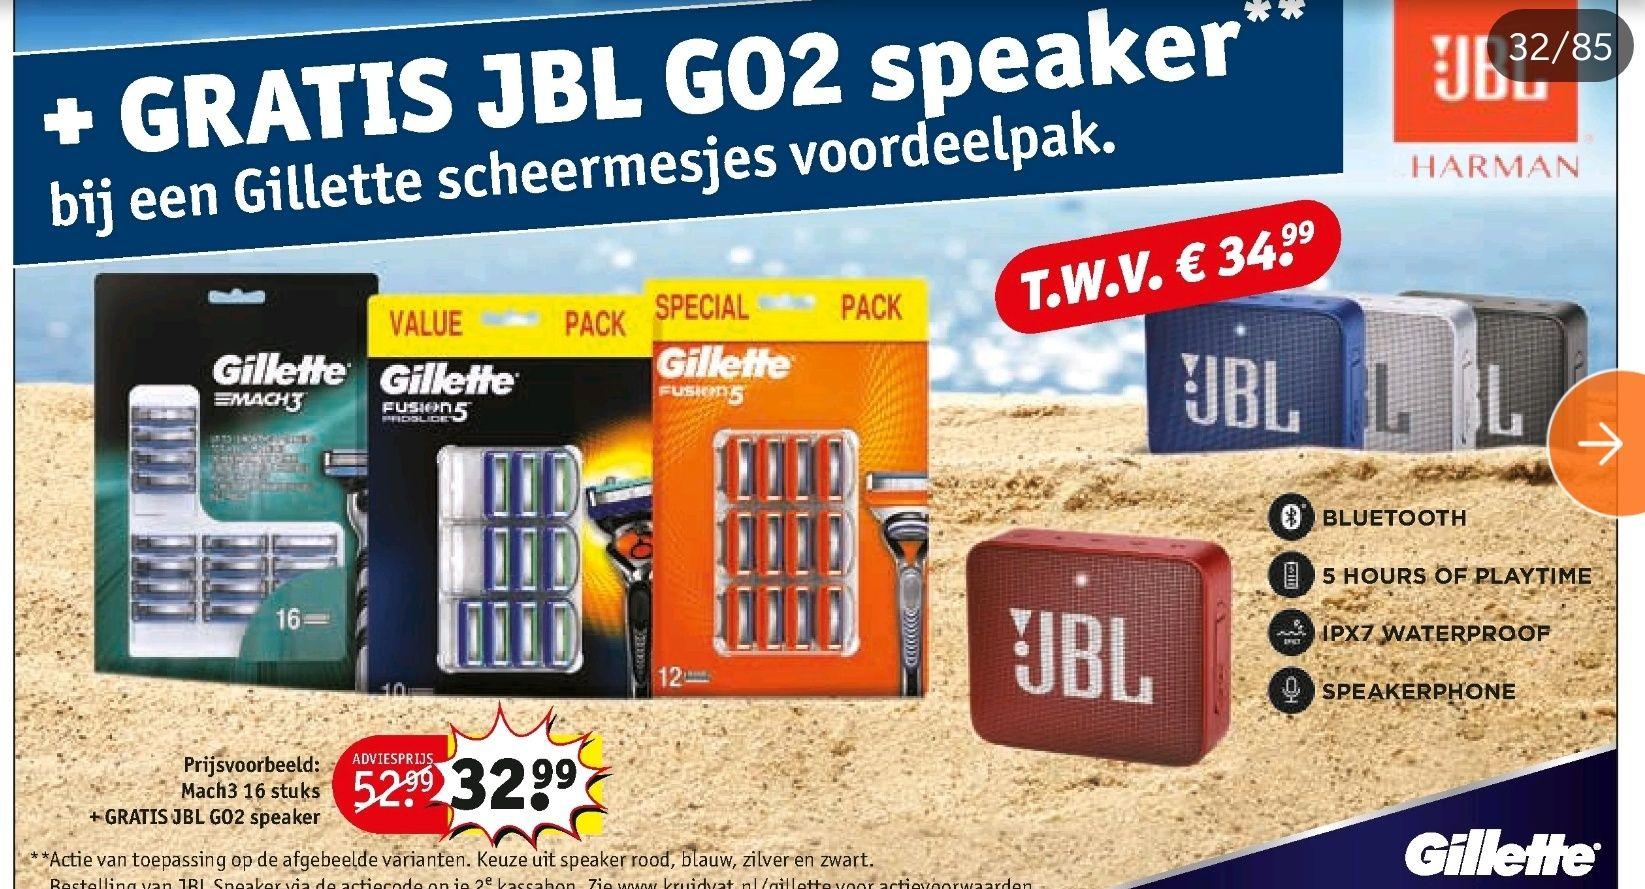 Nu ook gratis JBL go2 bij Kruidvat